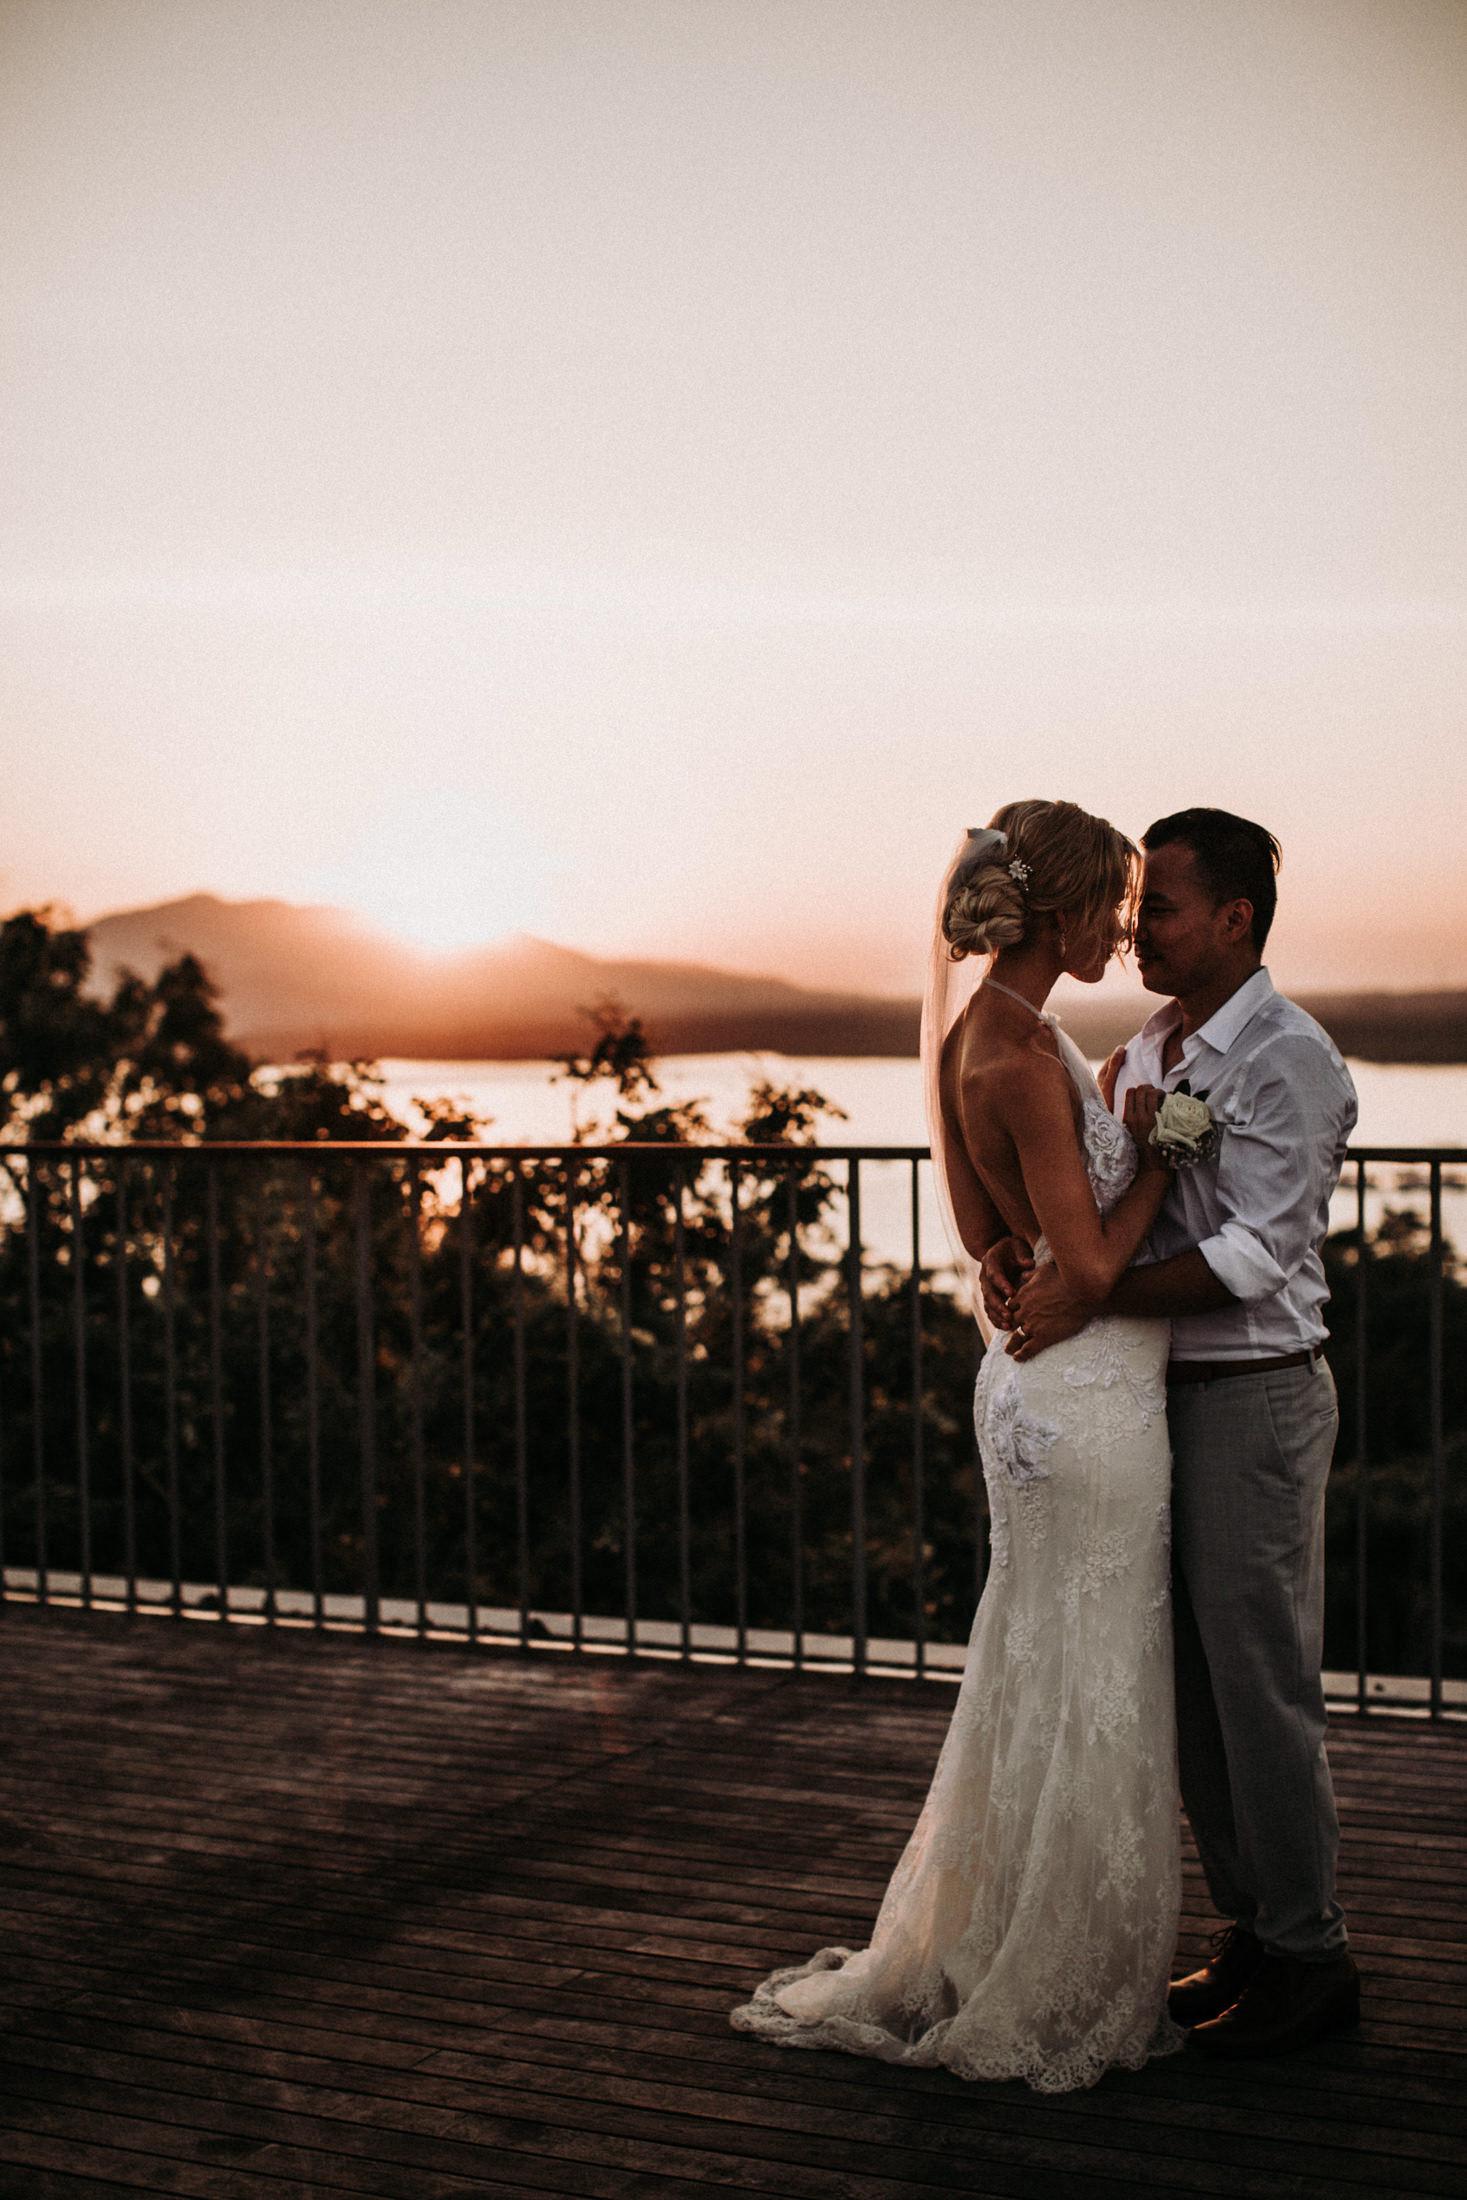 DanielaMarquardt_Wedding_Thailand_330